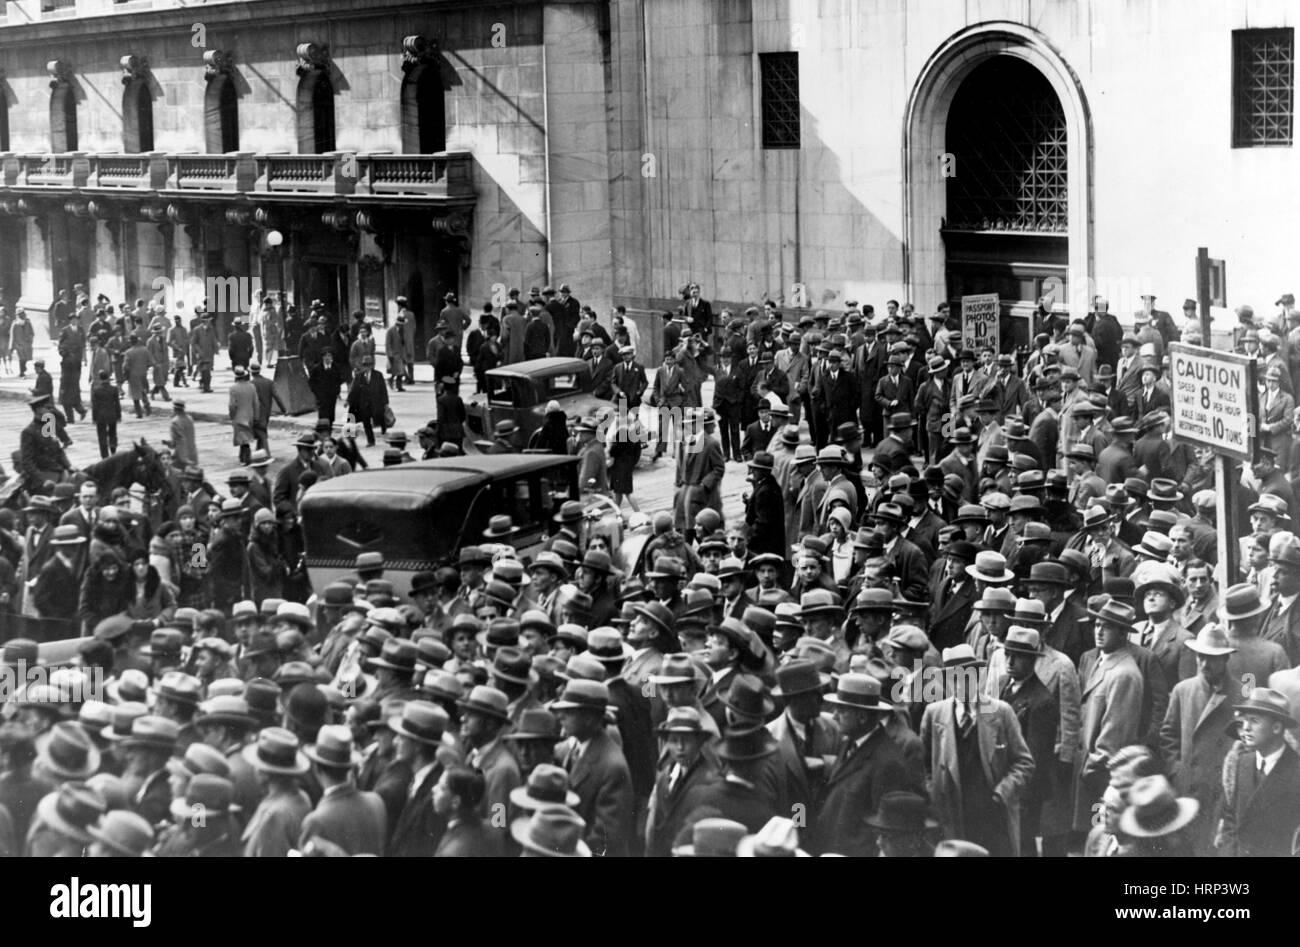 stock market crash - photo #20